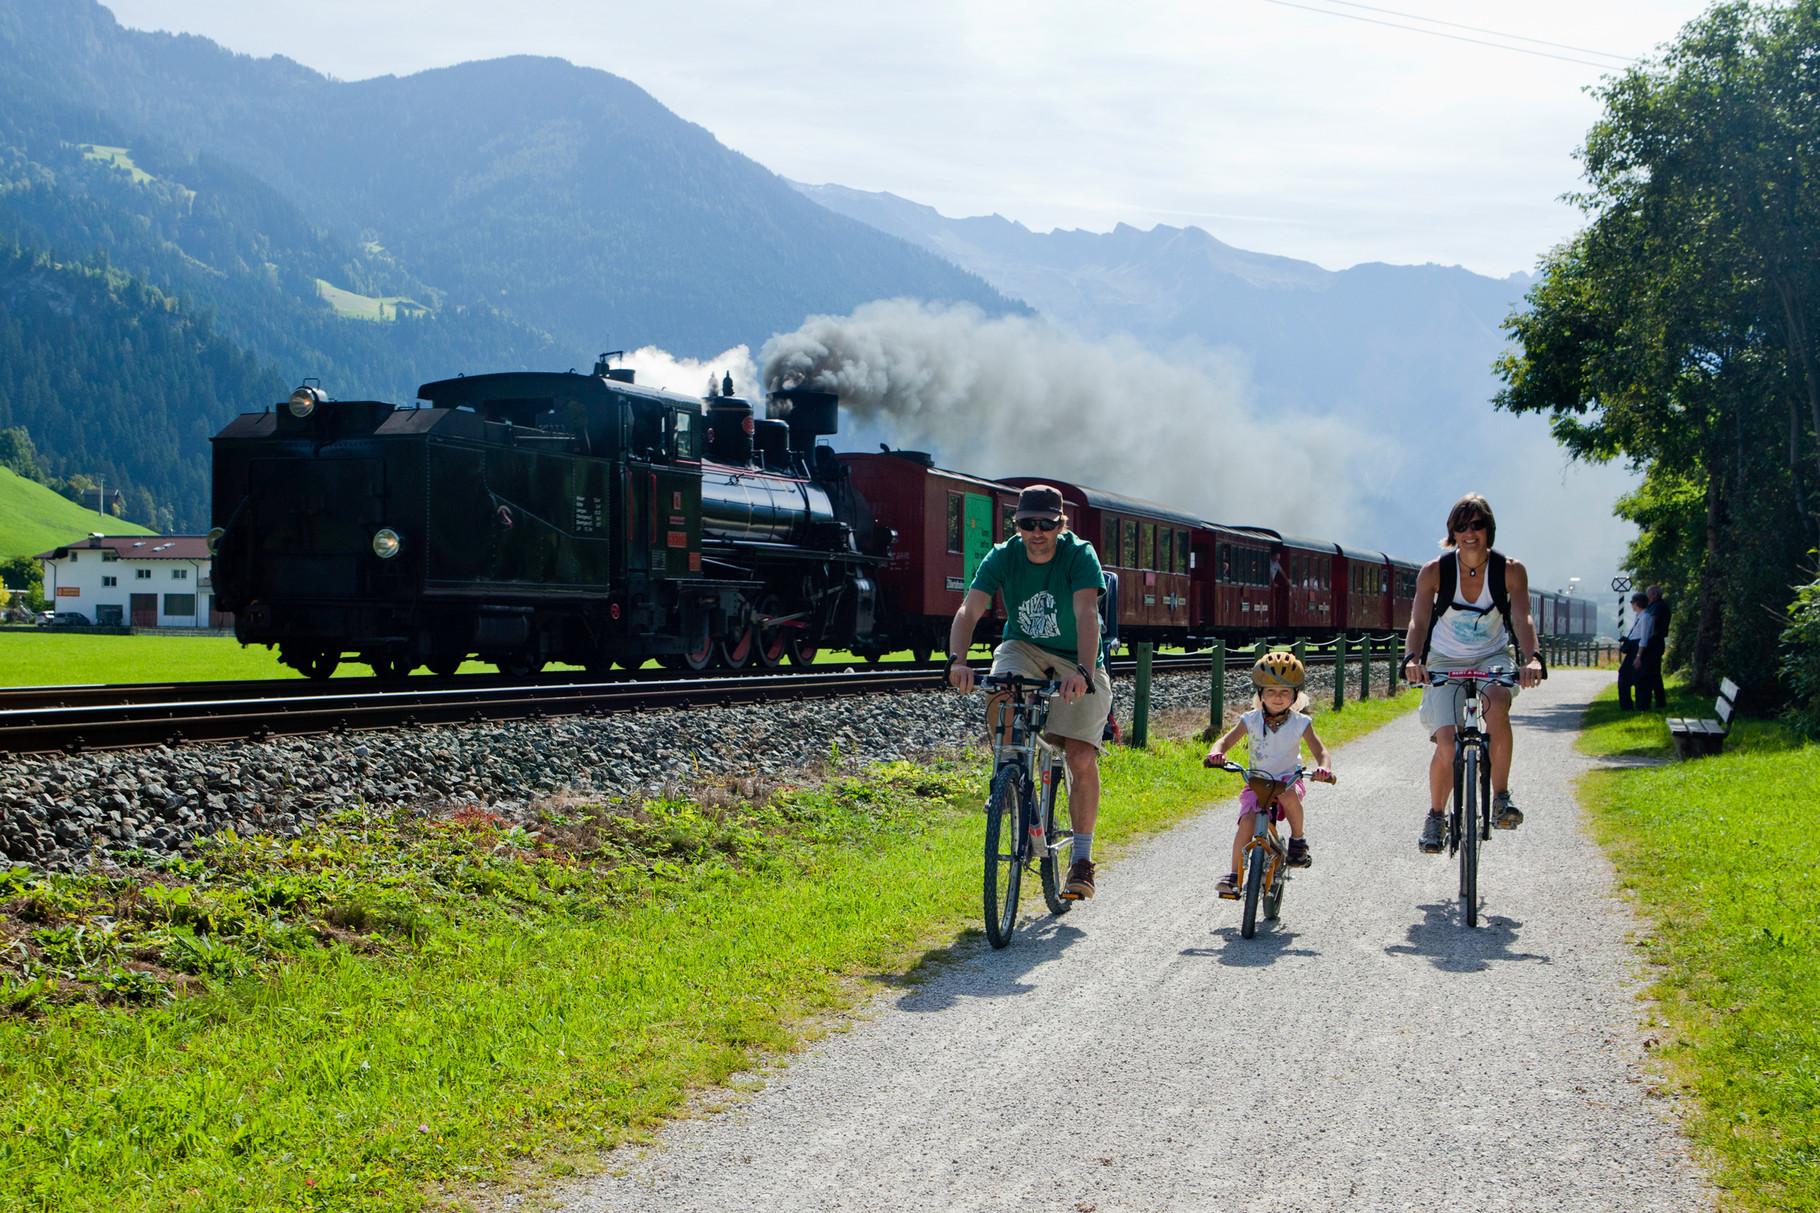 Dampfzug der Zillertalbahn © Zillertal Tourismus GmbH/Schneider